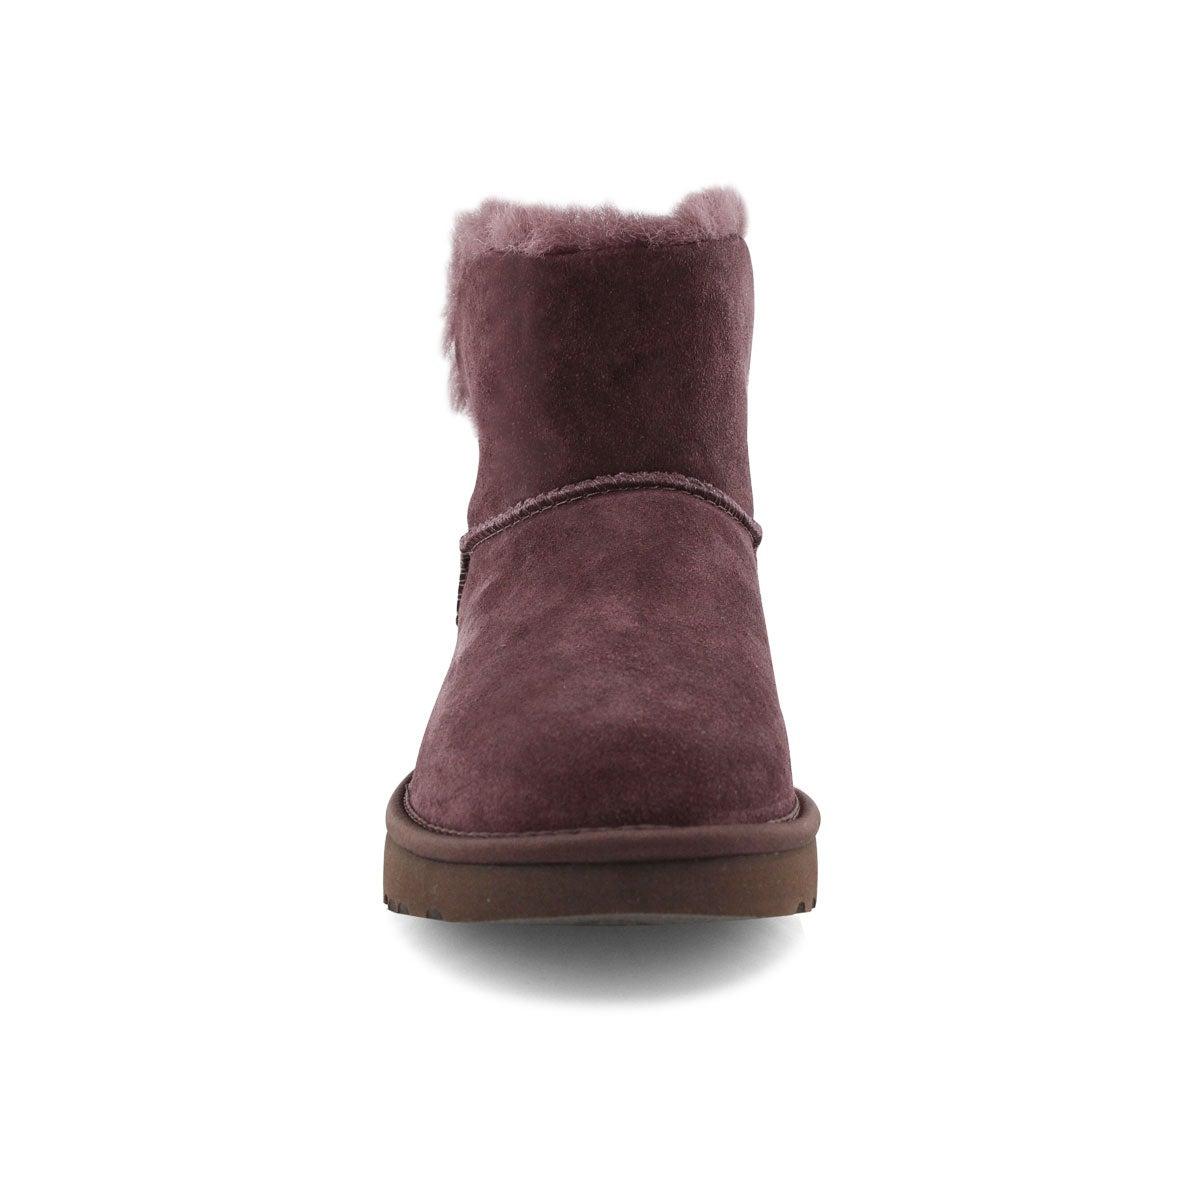 Lds Classic Bling Mini lodge shpskn boot